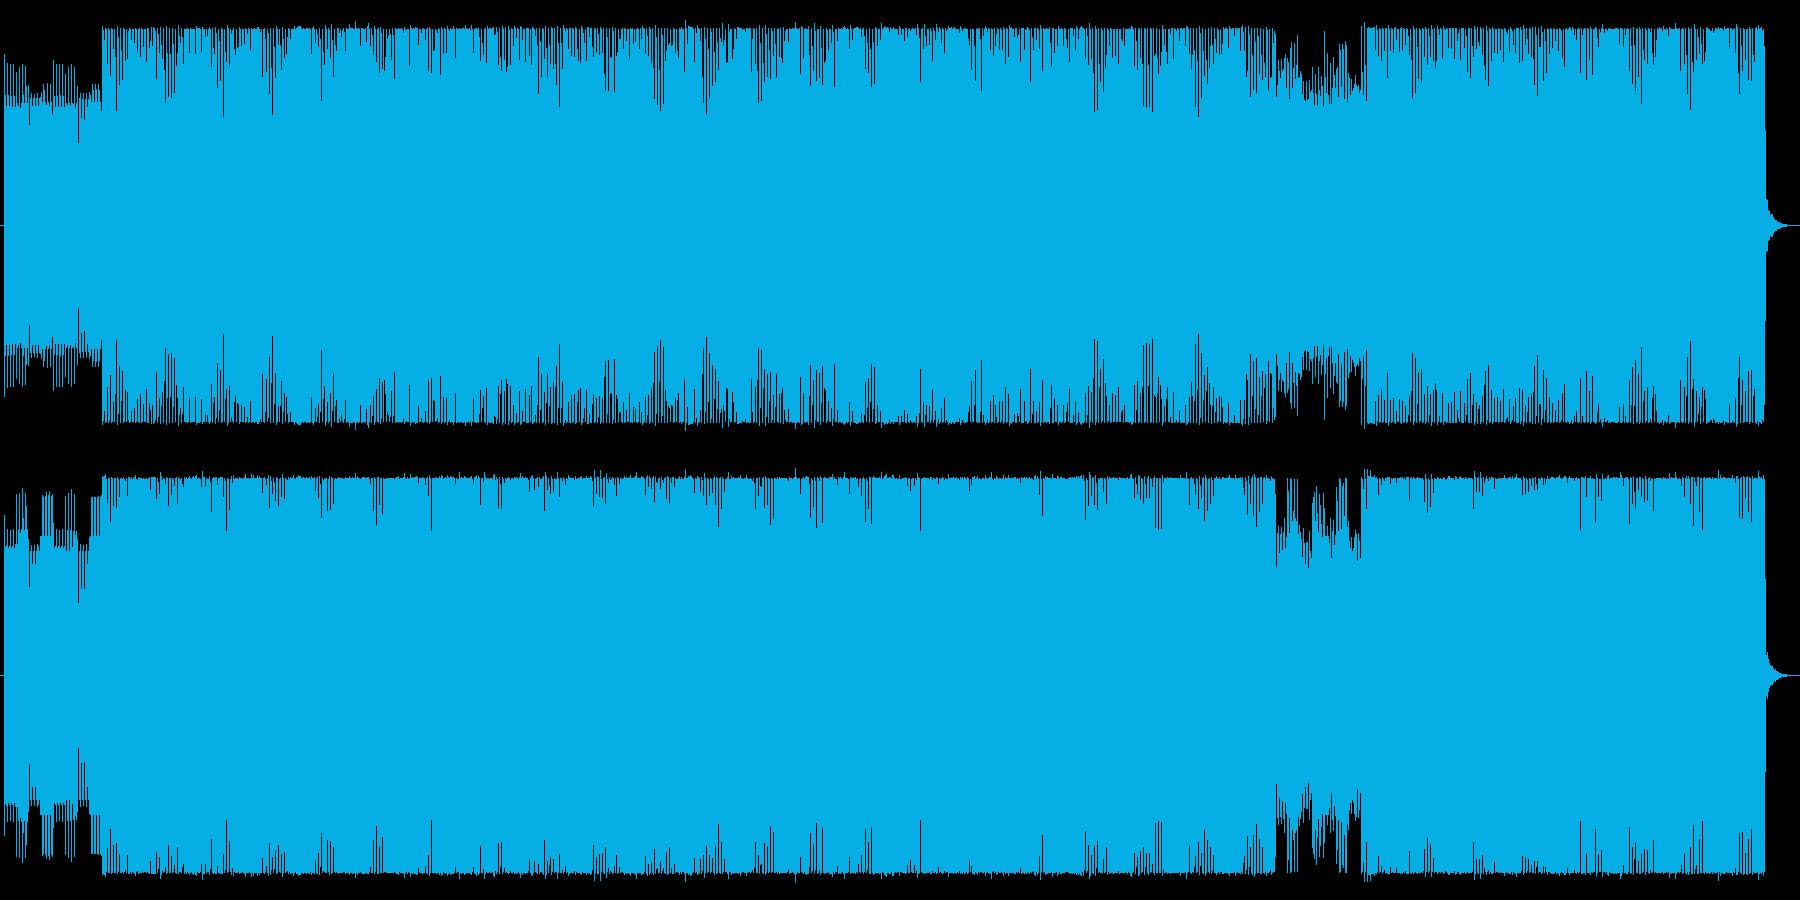 不思議な感じのダンスミュージック?の再生済みの波形